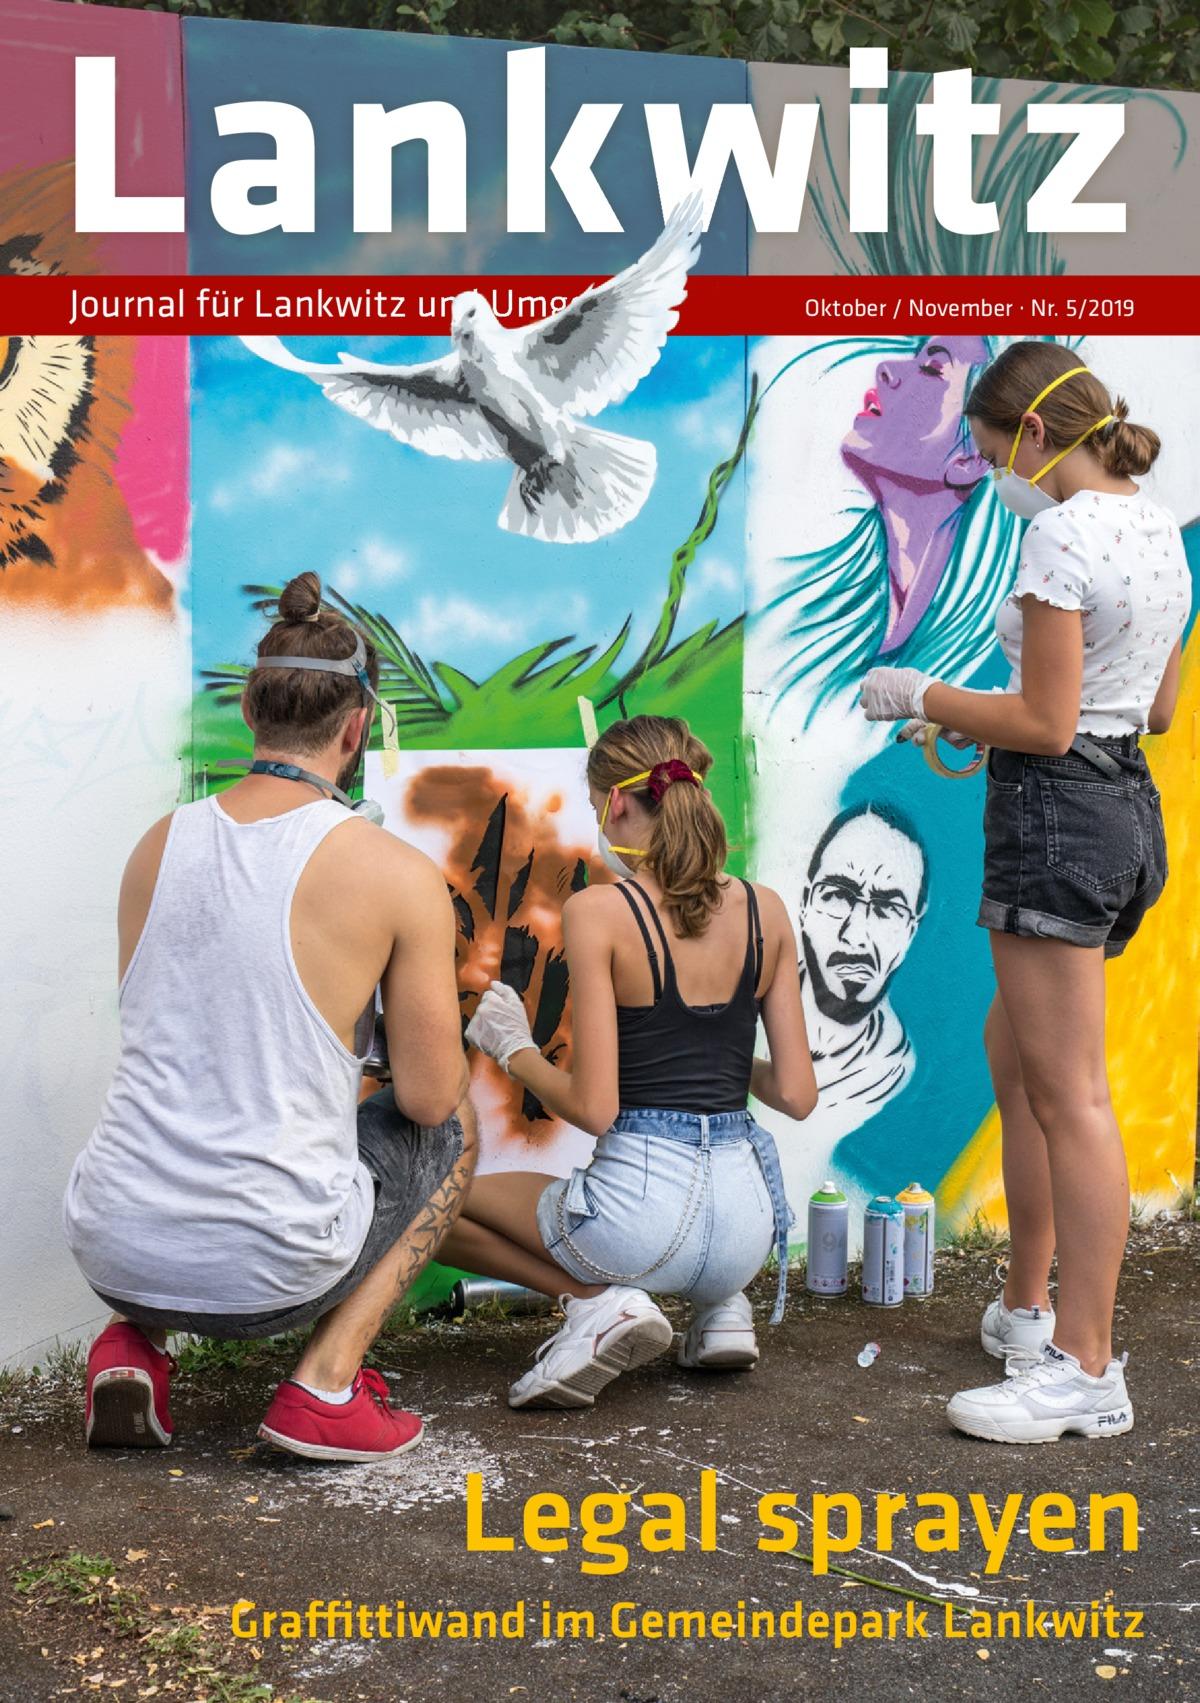 Lankwitz Journal für Lankwitz und Umgebung  Oktober / November · Nr. 5/2019  Legal sprayen Graffittiwand im Gemeindepark Lankwitz